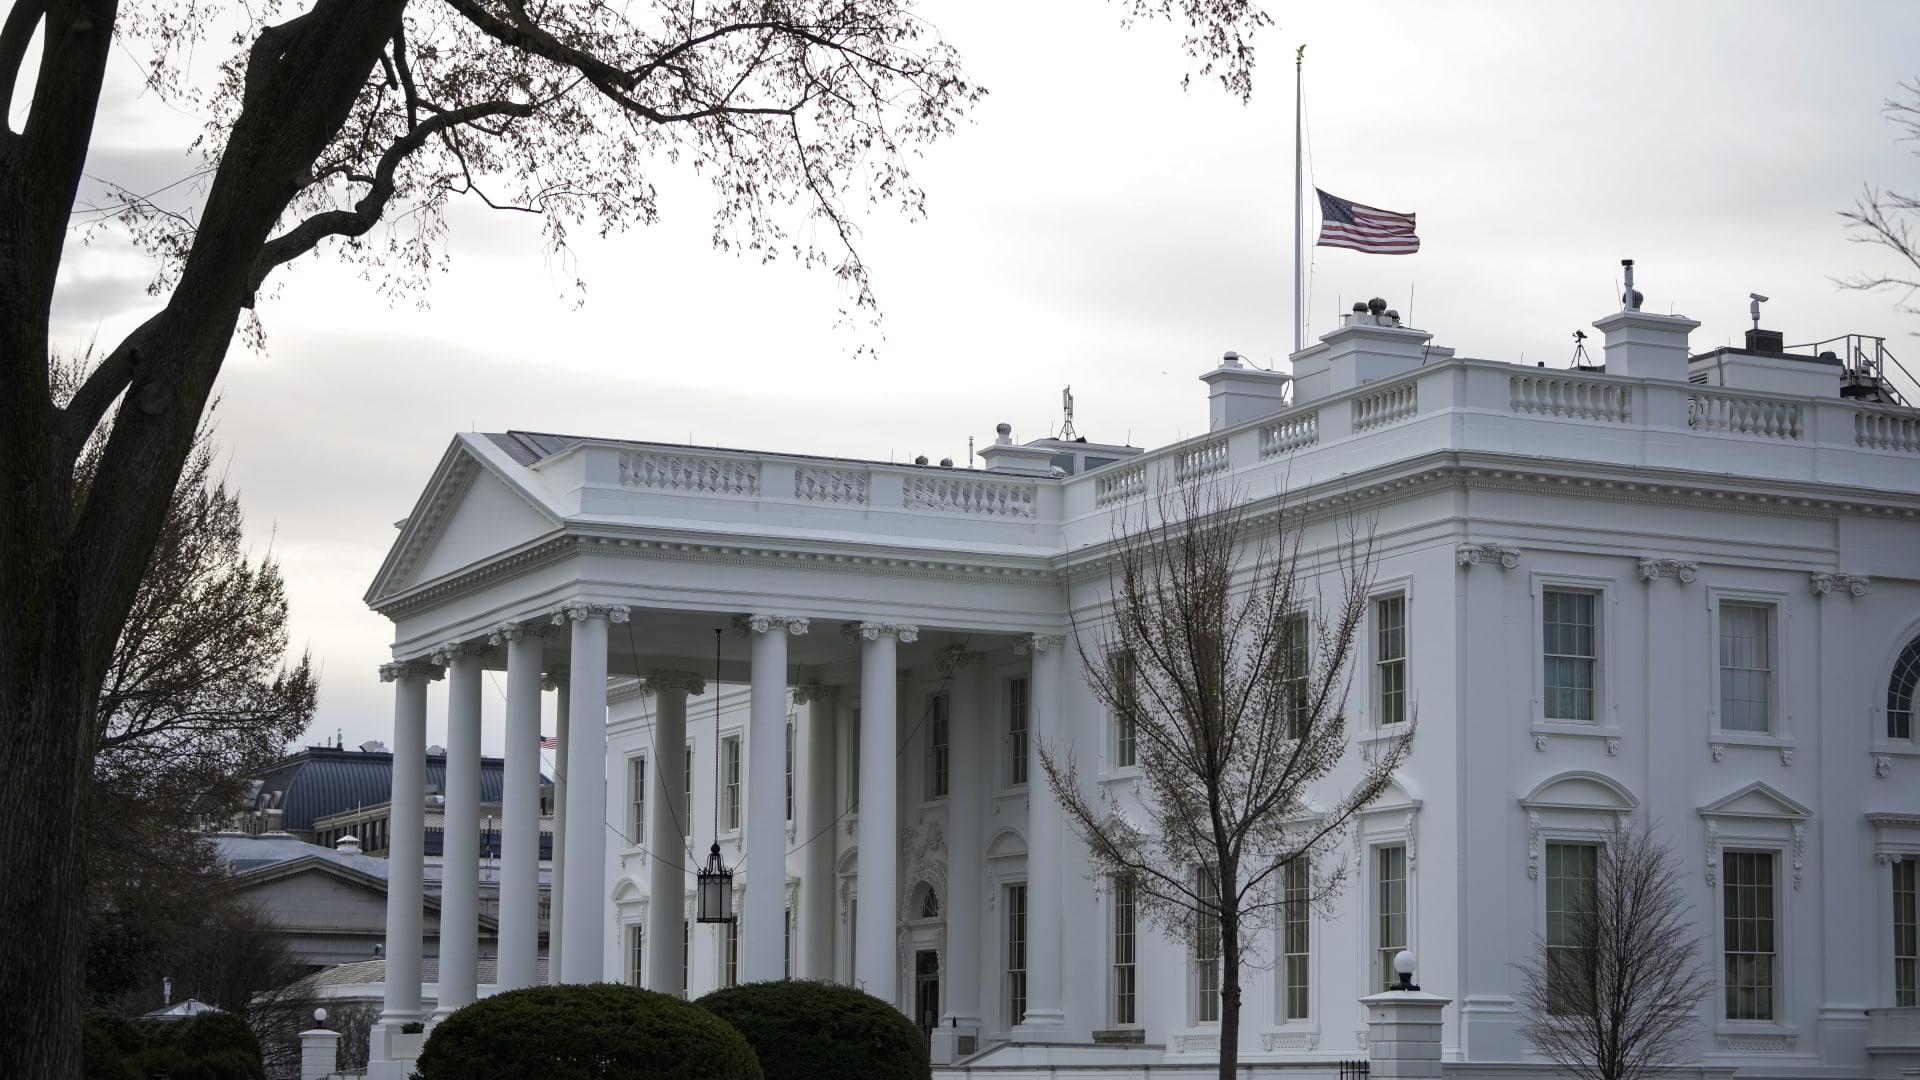 مصادر لـCNN: البيت الأبيض أنهى خدمات 5 من موظفيه بسبب تعاطيهم الماريغوانا في الماضي